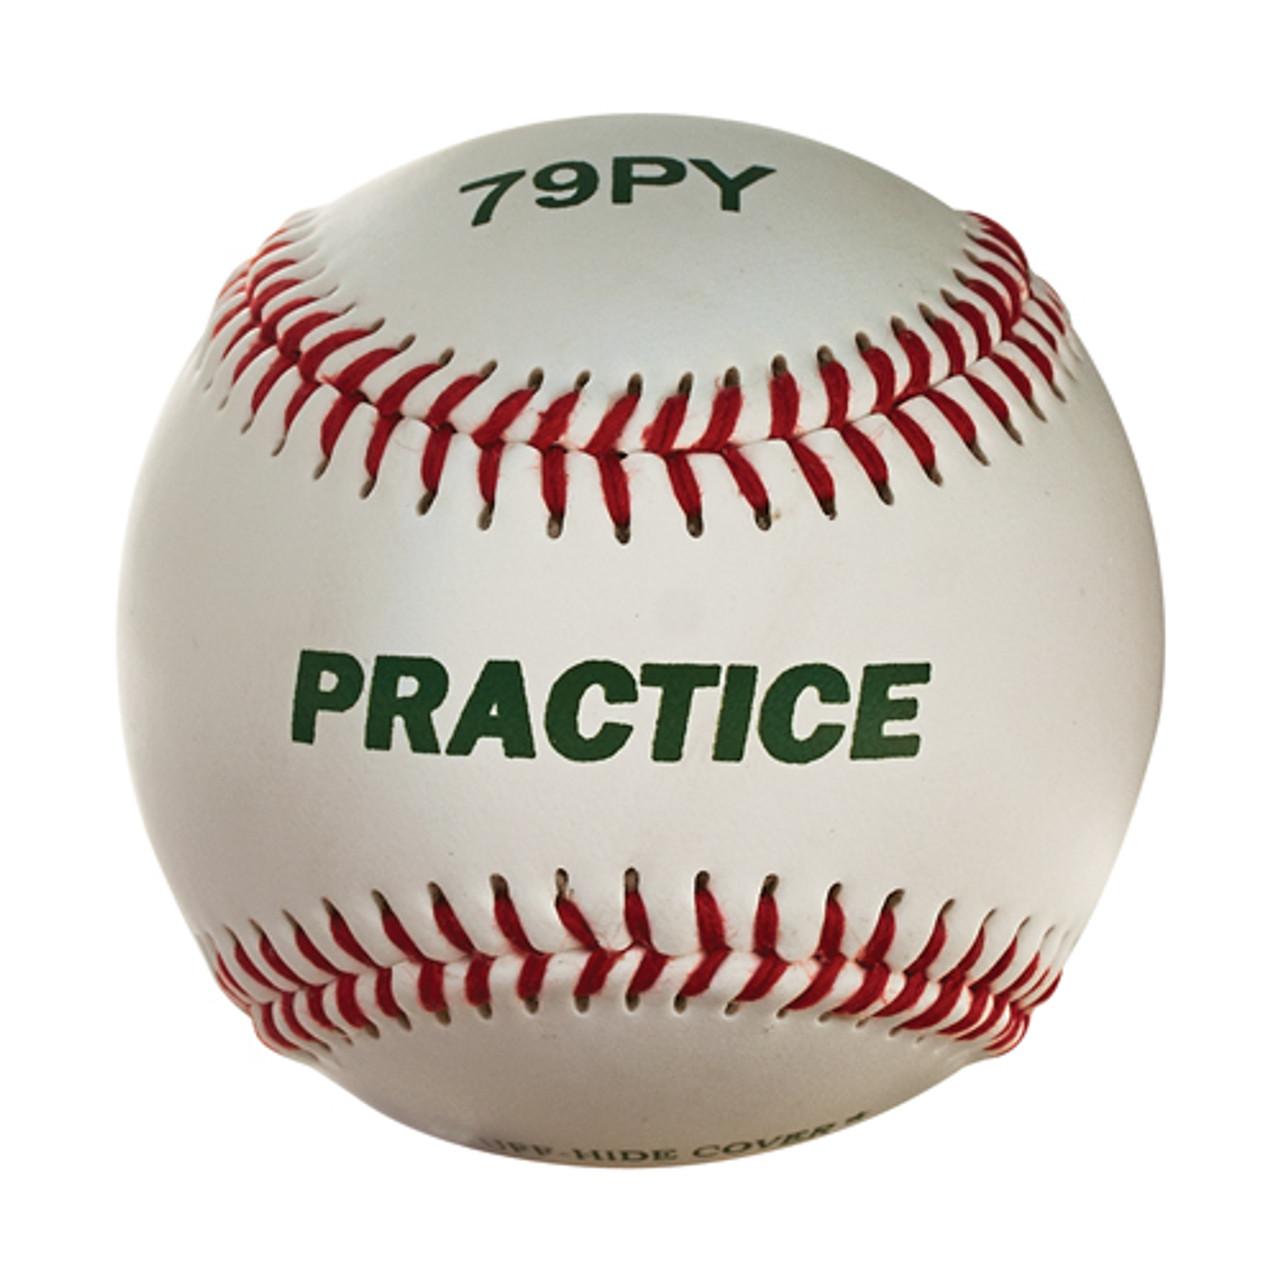 MacGregor #79 Practice Baseballs